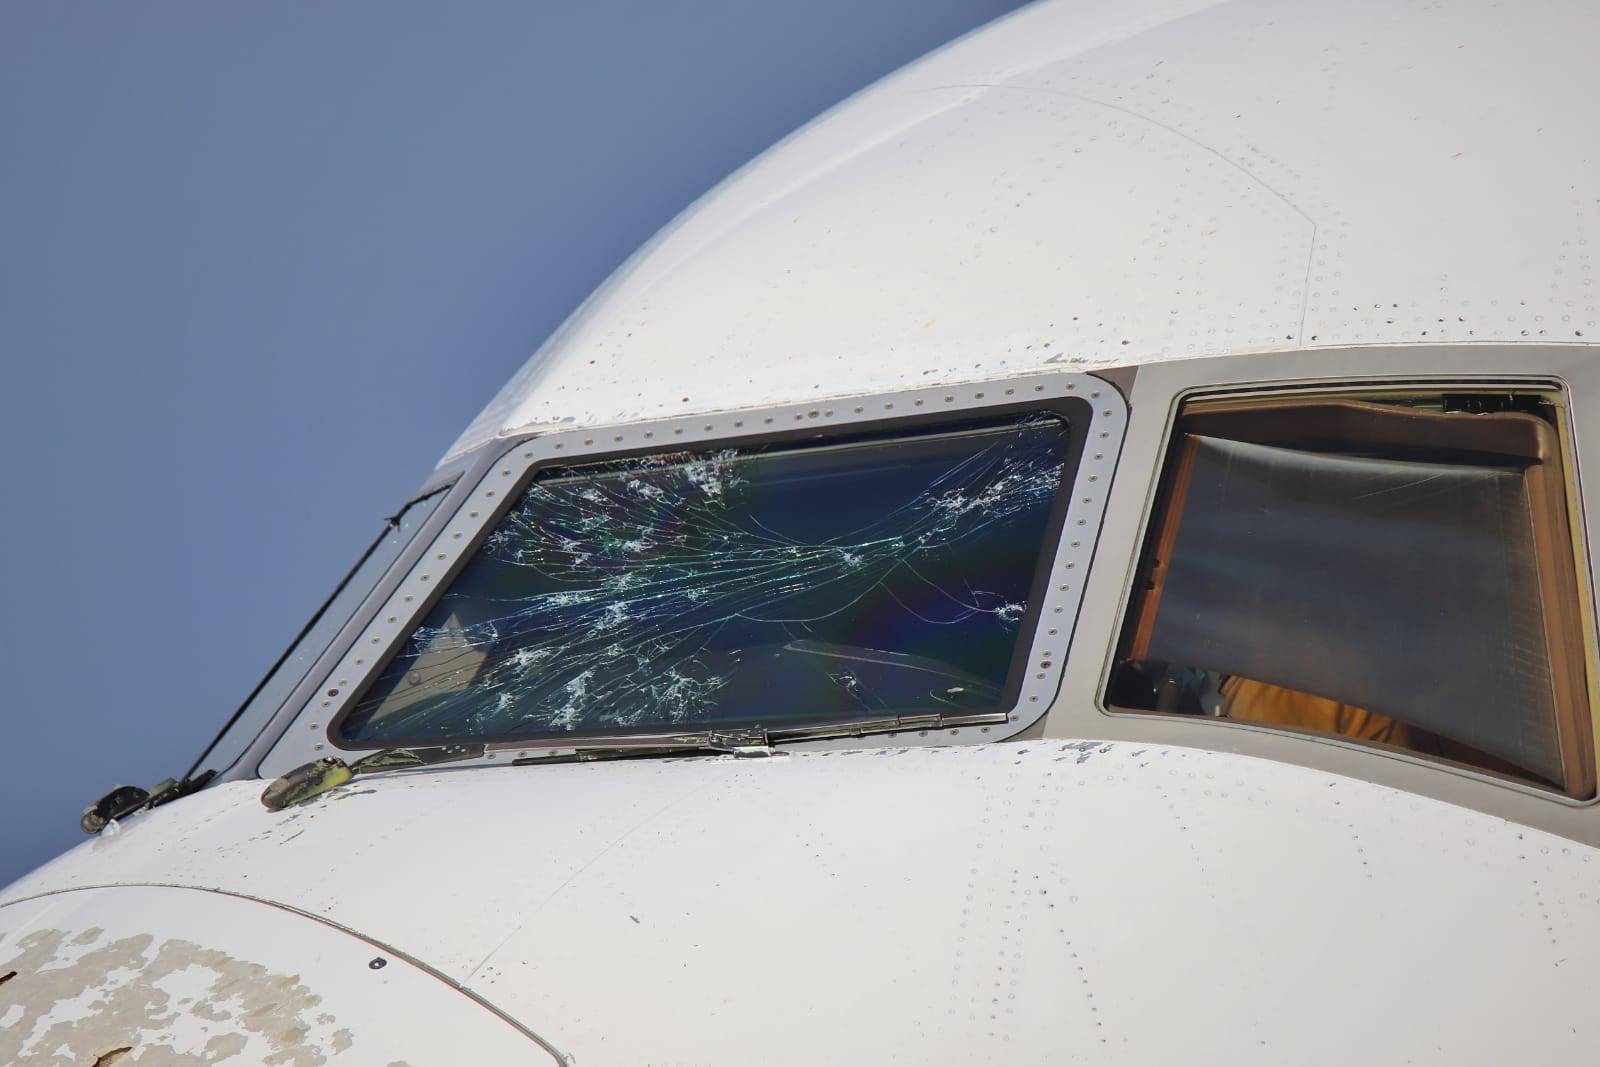 گزارش تصویری | بلایی که طوفان تگرگ سر بویینگ ۷۷۷ آورد